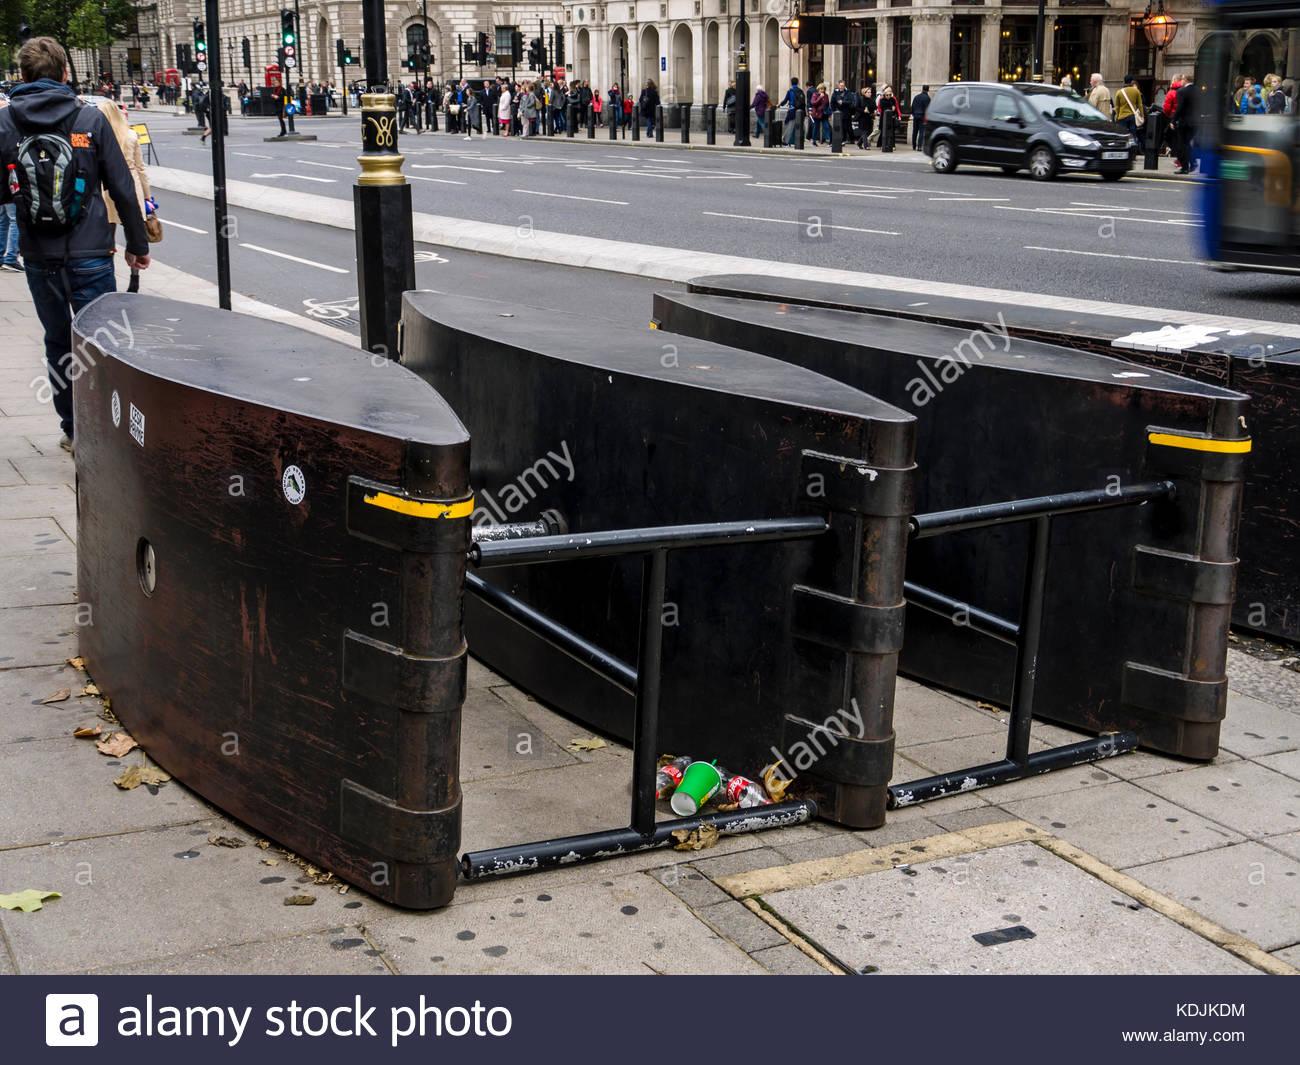 London England Sicherheitsbarriere gegen Angriffe vehicleterrorist Westminster Bridge Stockbild